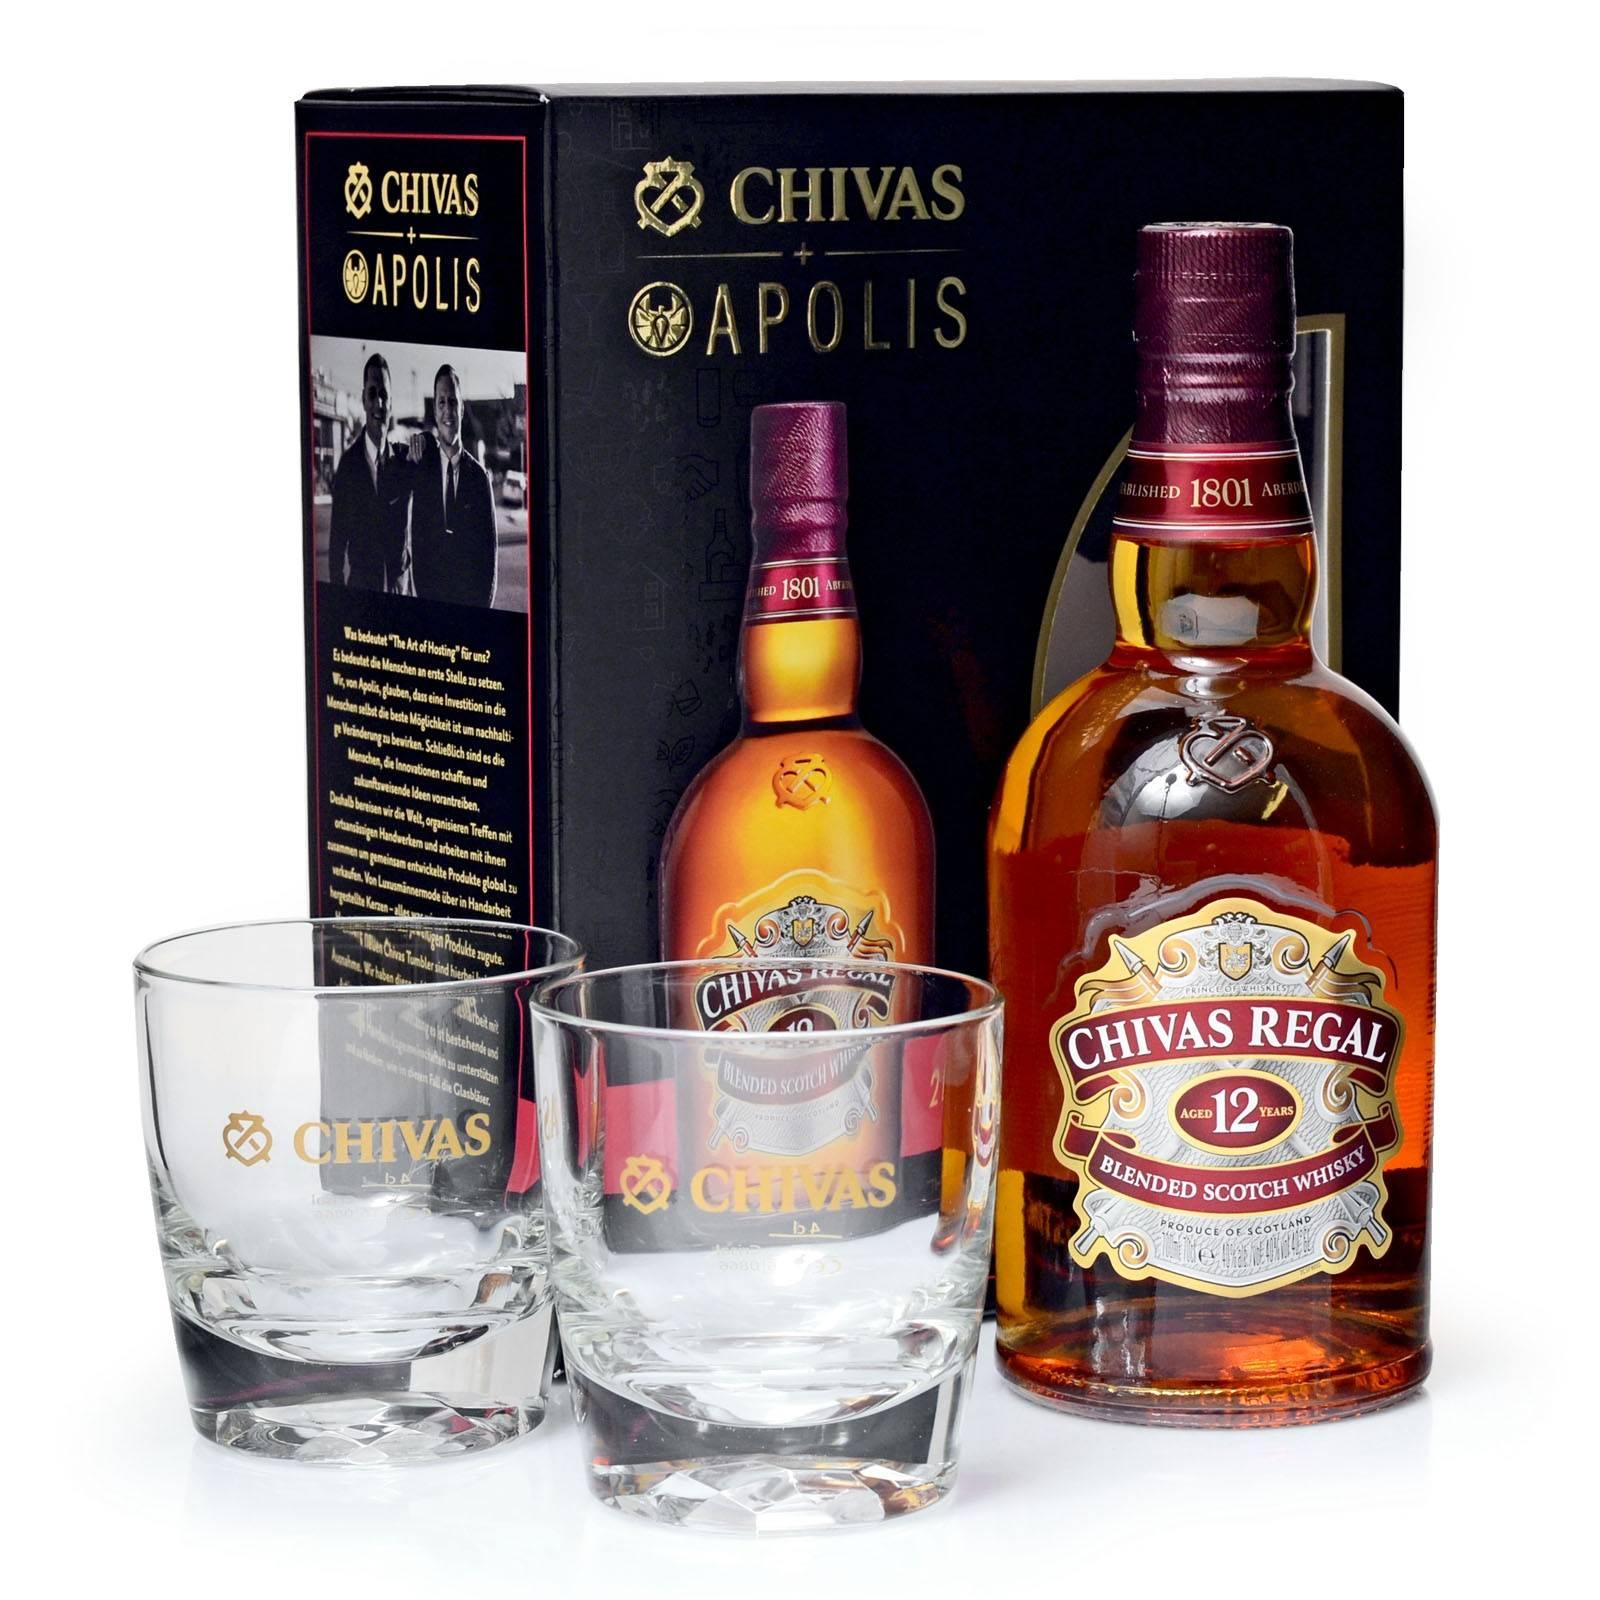 Full Size of Gastro Regal Chivas 12 Whisky Apolis Gp 40 Vol Kisten Rot 60 Cm Breit Hifi Ahorn 25 Tief Werkstatt Wein Tiefe 30 Schreibtisch Hochglanz Weiß Kanban Regal Gastro Regal